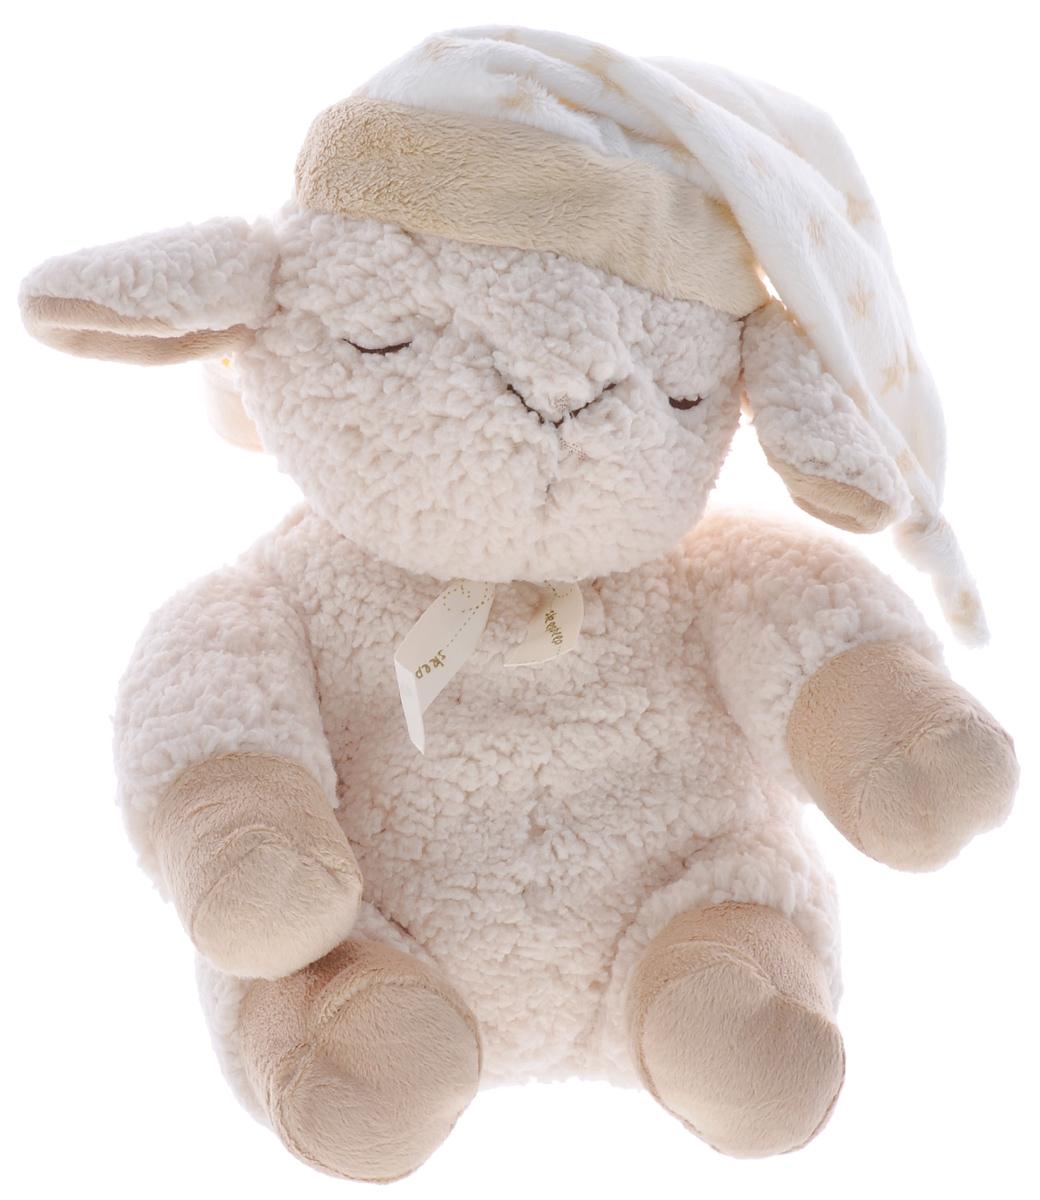 Cloud B Мягкая музыкальная игрушка Сонная Овечка с сенсором звука7304-Z8-RUМузыкальная игрушка Сонная овечка с сенсором поможет родителям даже глубокой ночью. Игрушка выполнена в виде мягкой спящей овечки в ночном колпаке. К овечке прилагается музыкальное устройство-сенсор. Встроенный сенсор звука реагирует на голос ребенка. Музыка автоматически включается, если малыш проснется и заплачет. В игрушке три уровня чувствительности к звукам, которые позволяют настроить сенсор с учетом шумов окружающей среды. Сенсор продолжает воспроизводить мелодию, которая проигрывалась последней, с тем же уровнем громкости. Игрушка легко крепится к кроватке или коляске с помощью специальной петельки-липучки. Музыкальный блок управления помещается внутрь корпуса овечки и легко вынимается. Игрушка оснащена таймером: автоматически выключается после 23 или 45 минут работы. 8 мелодий: Материнское сердцебиение. Twinkie-Twinkie Little Star. Весенний дождик. Roskabye Baby. Шум океана. Классическая колыбельная. Песня...